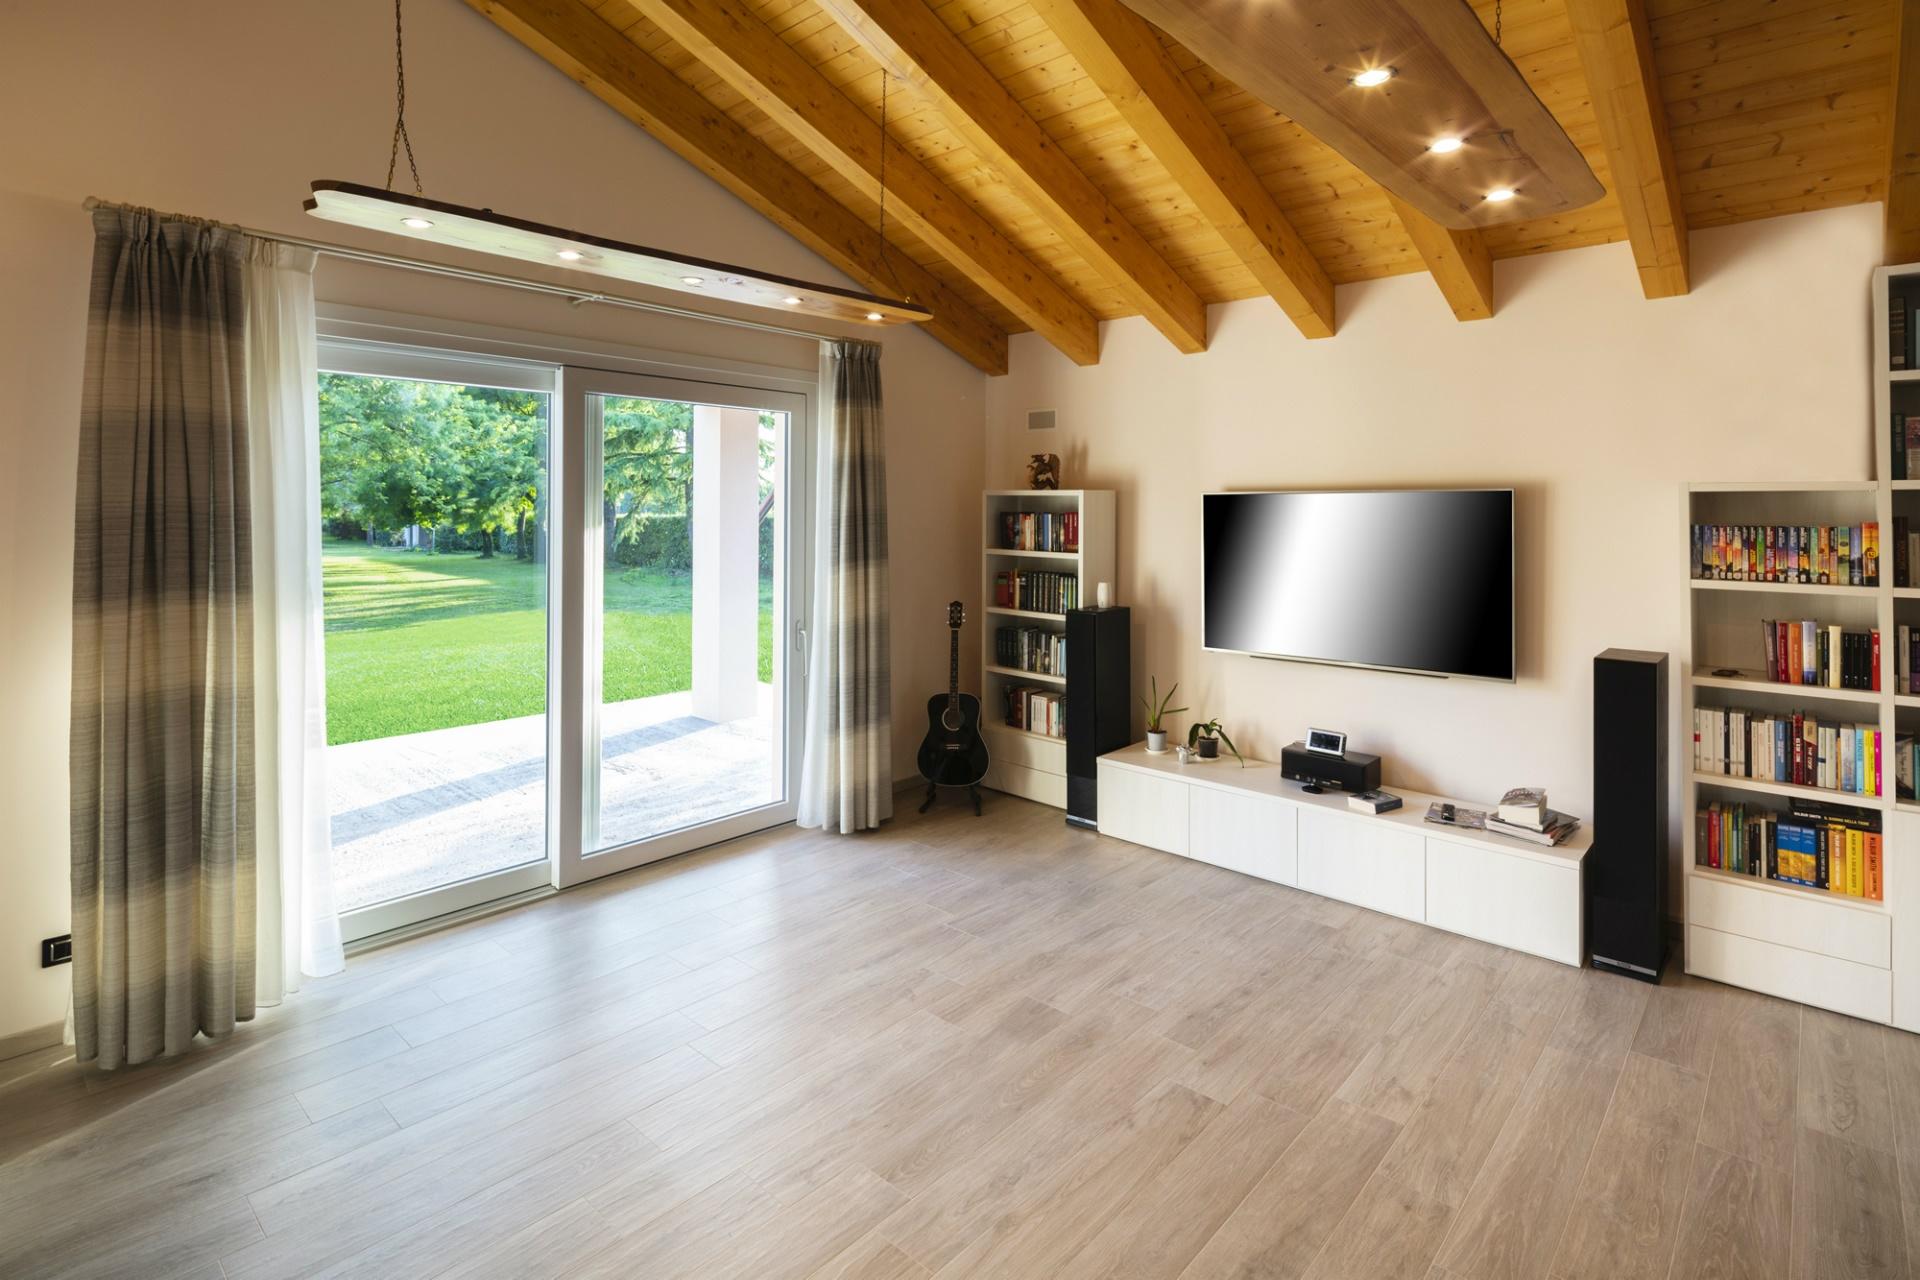 villa classica con porticato con travi a vista evoluthion On arredare casa con travi a vista